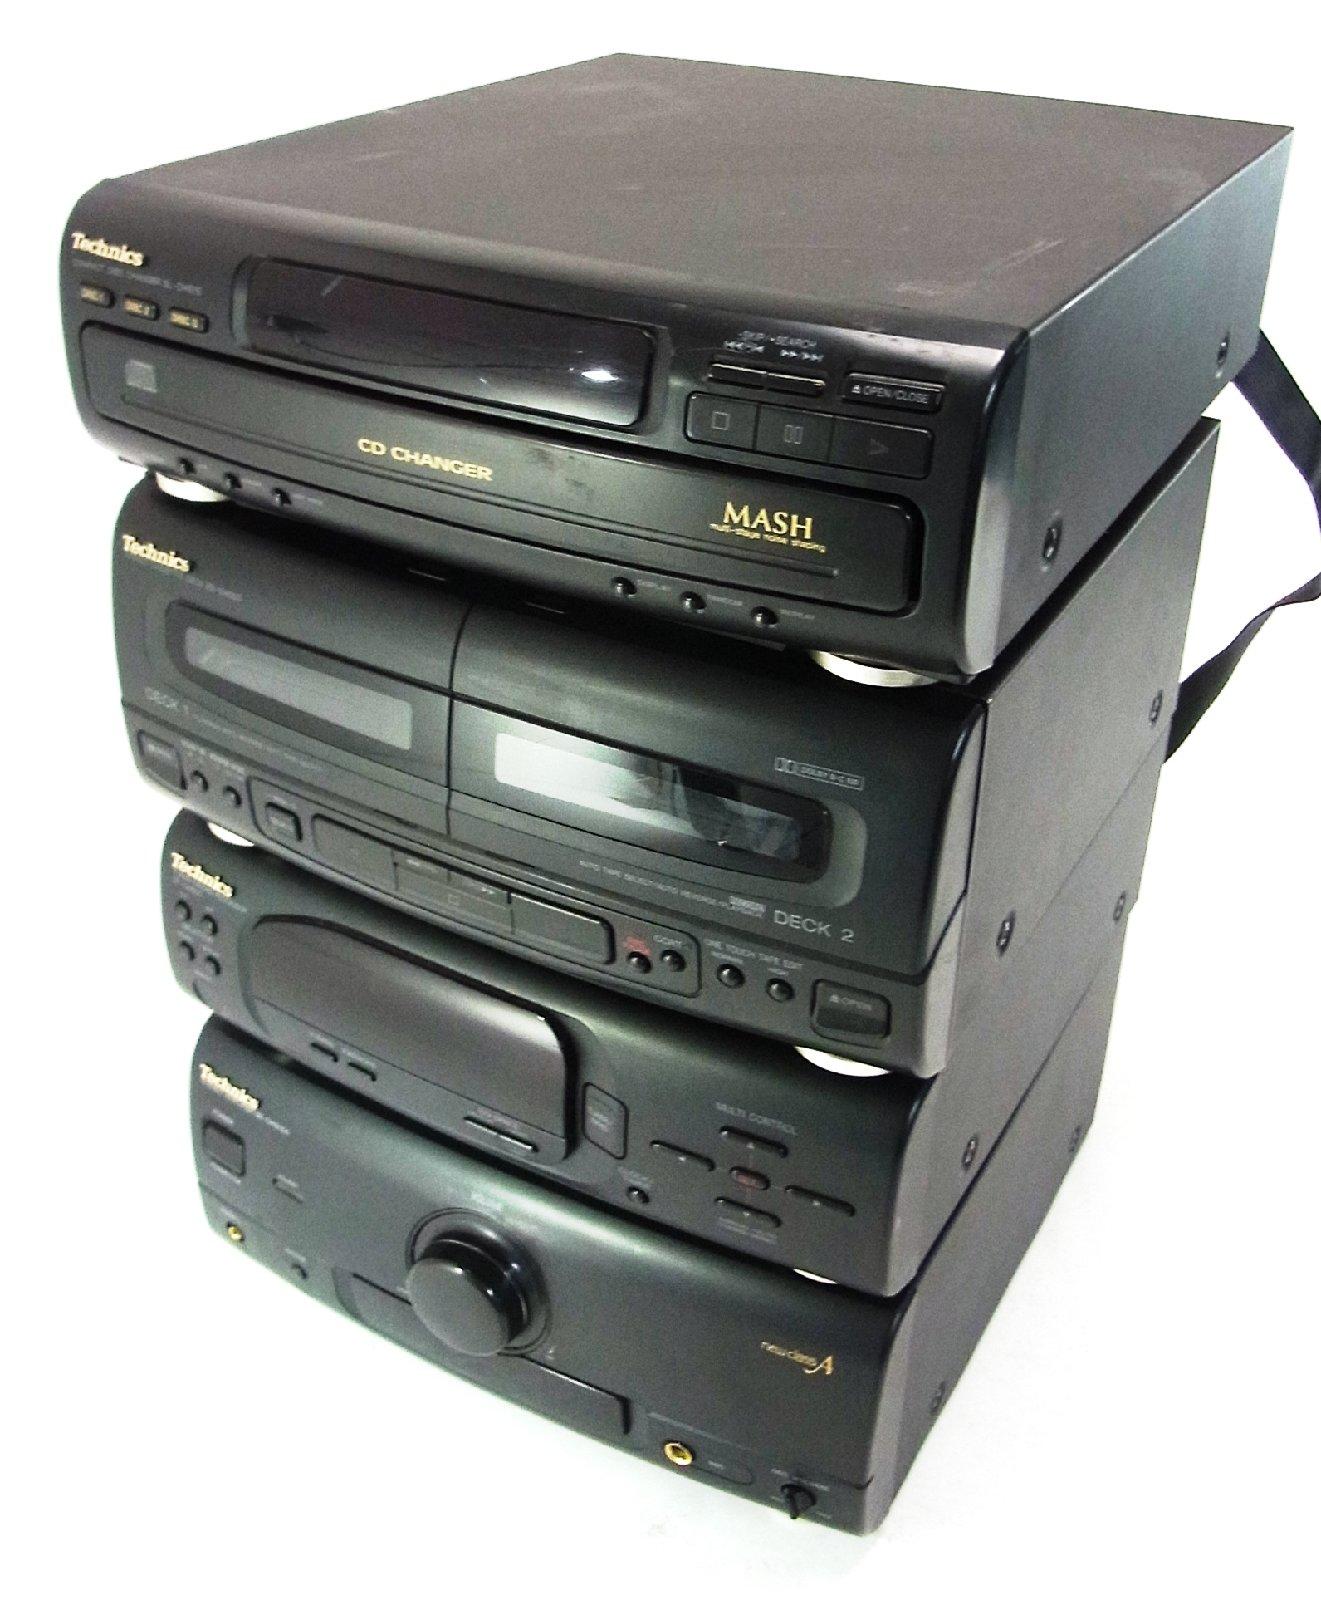 technics hifi anlage 4 bausteine 2 boxen verst rker tuner cd wechsler cassette ebay. Black Bedroom Furniture Sets. Home Design Ideas